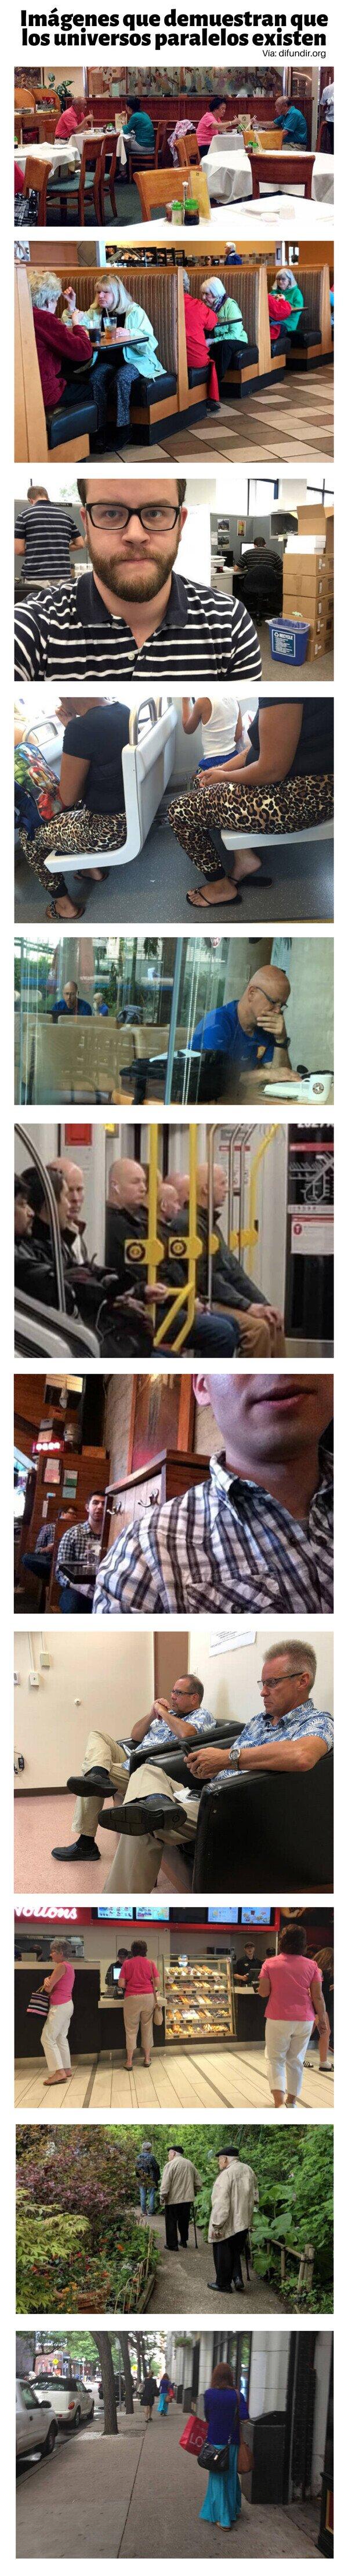 Meme_otros - Imágenes que demuestran que los universos paralelos existen